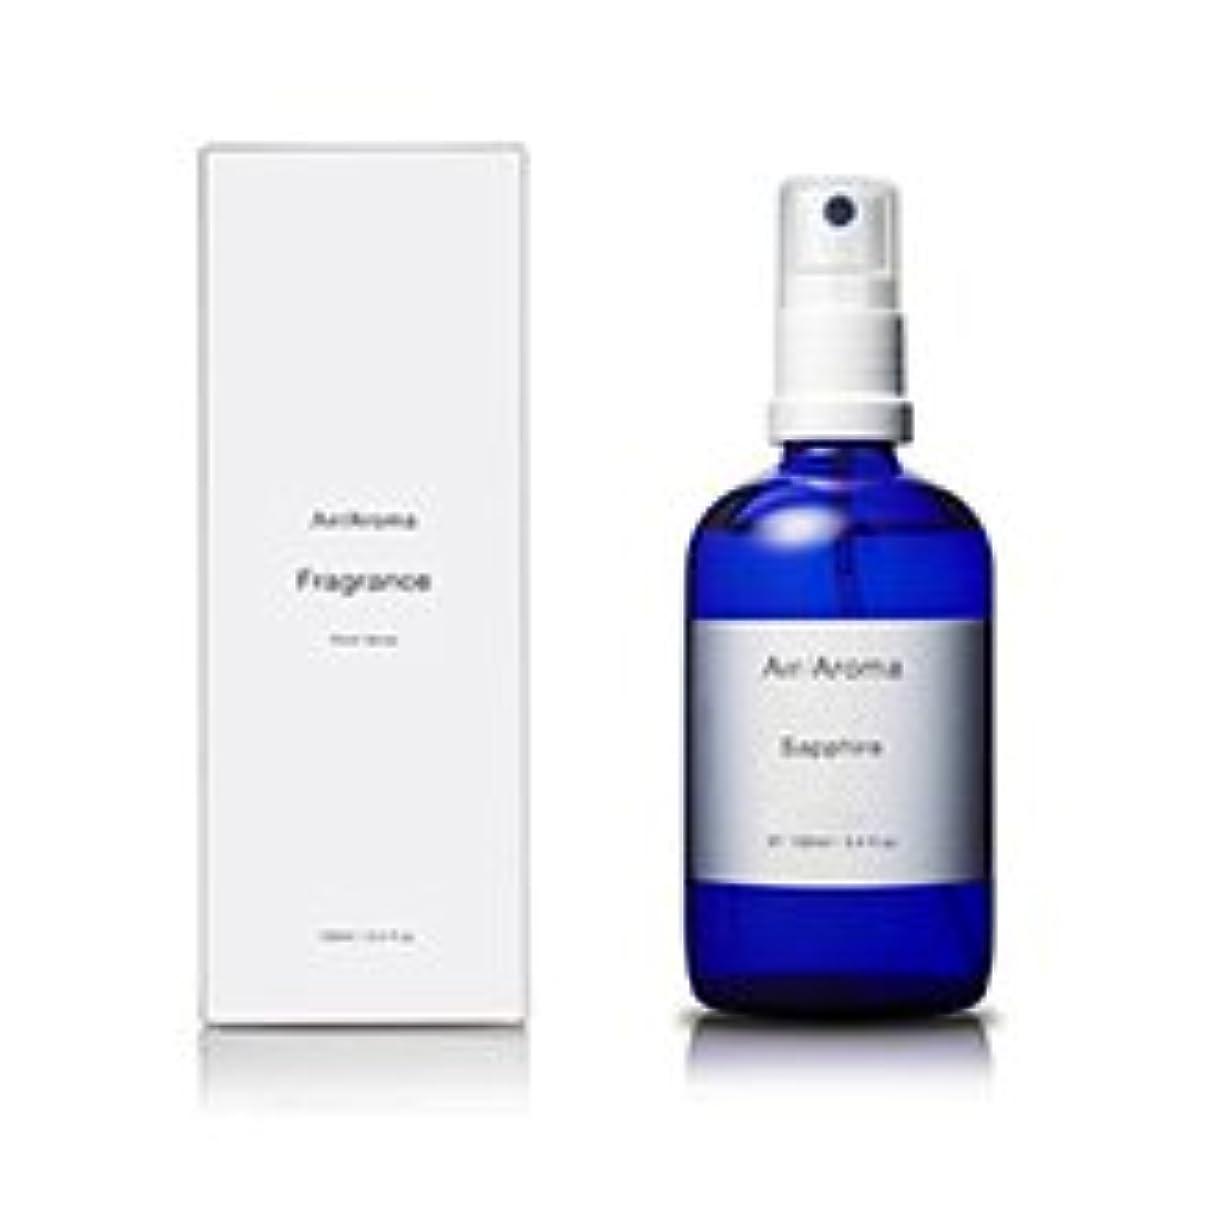 型拍車白いエアアロマ sapphire room fragrance(サファイア ルームフレグランス) 100ml